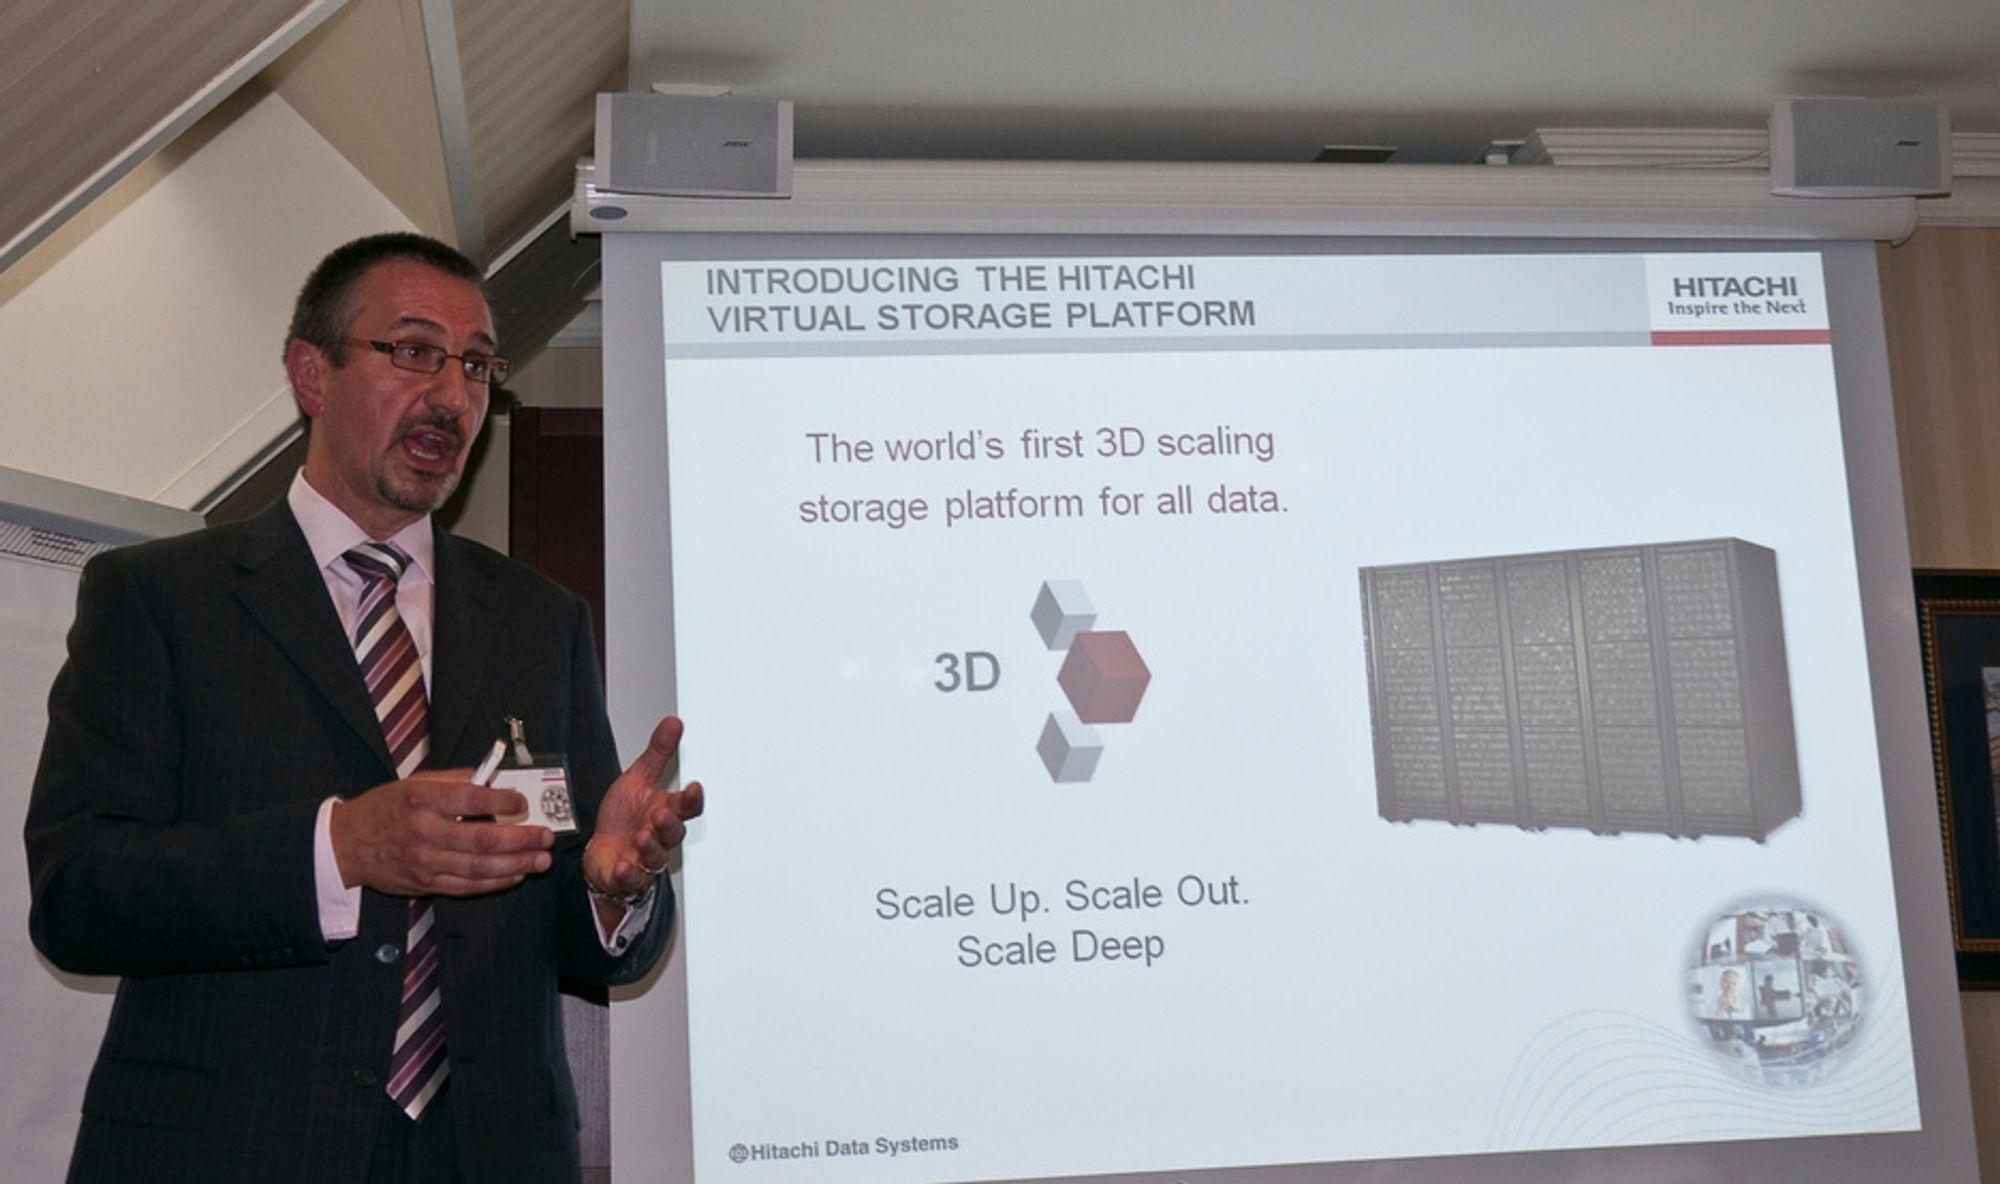 3D: Bob Plumridge, direktør for teknisk markedsføring for Hitachi Data Systems i Europ,a mener ny teknologi må til for å få plass til alt vi lagrer digitalt.